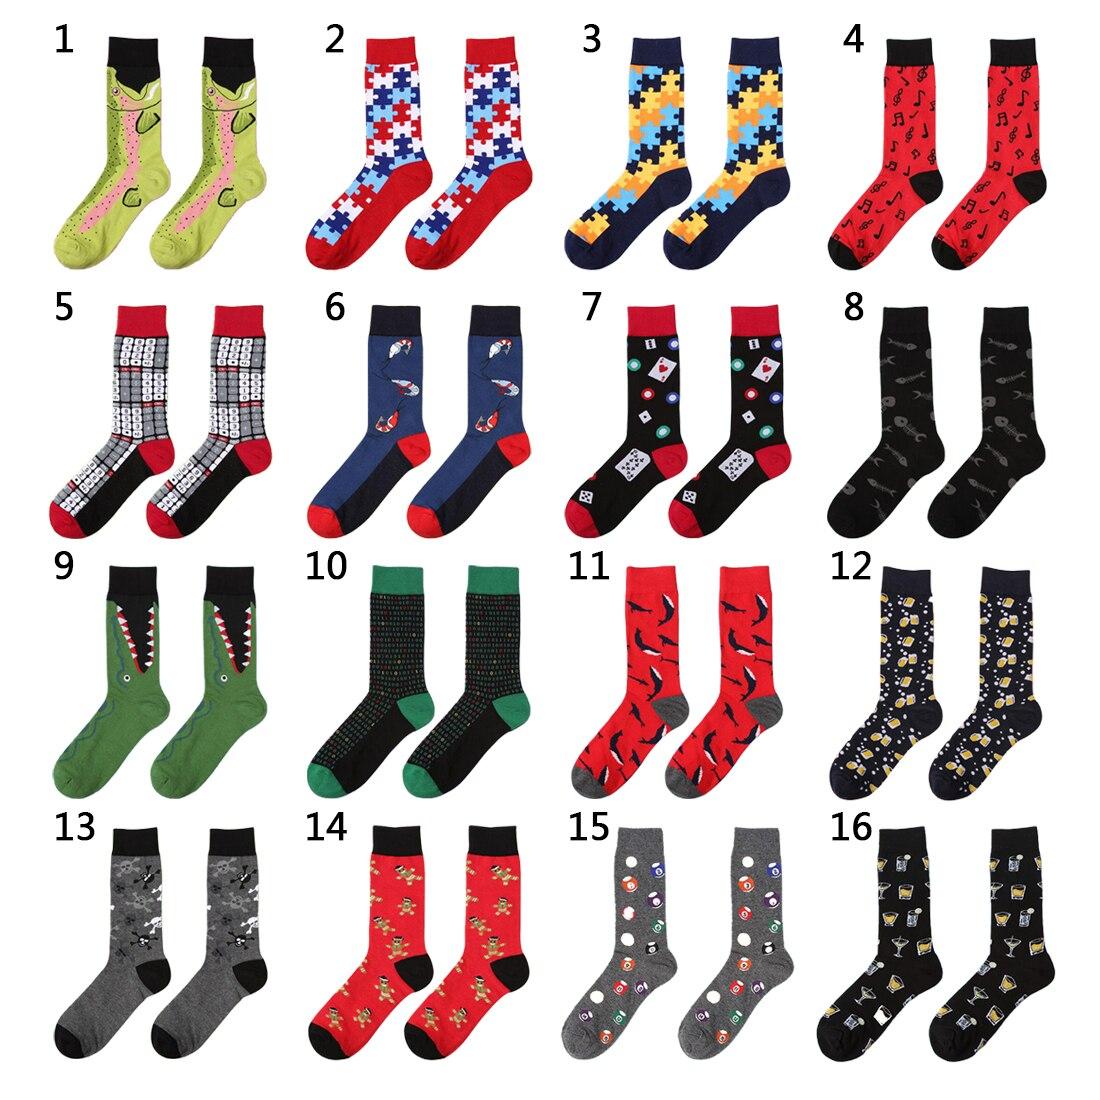 c4dd425f39910 Practical 2019 Men Women Cotton Socks Colorful Patchwork Letter Skateboard  Socks Womens Funny Socks Girl Casual Socks Underwear & Sleepwears